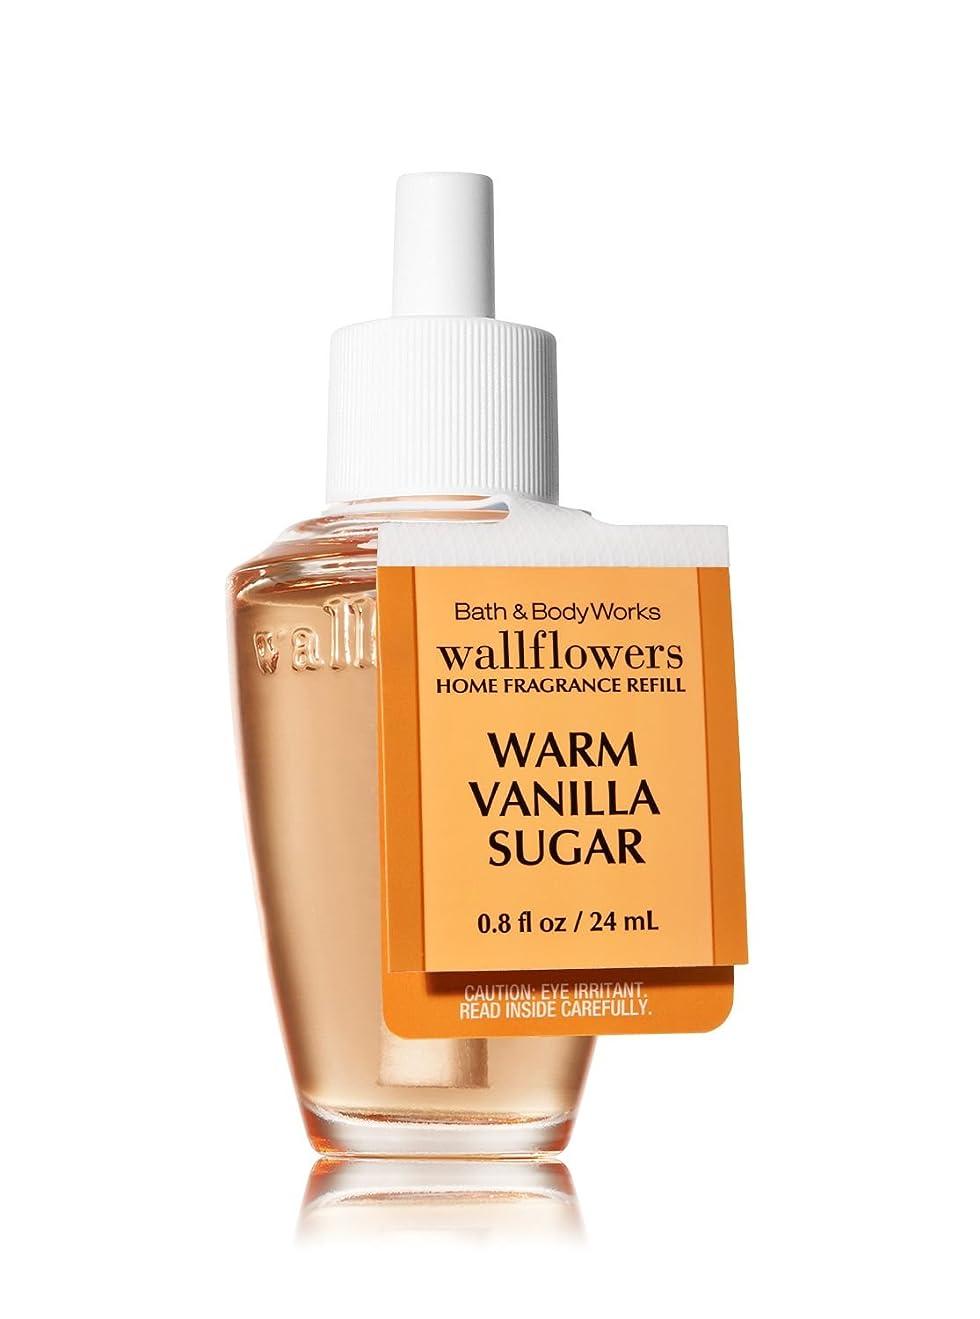 シーン家事不潔【Bath&Body Works/バス&ボディワークス】 ルームフレグランス 詰替えリフィル ウォームバニラシュガー Wallflowers Home Fragrance Refill Warm Vanilla Sugar [並行輸入品]